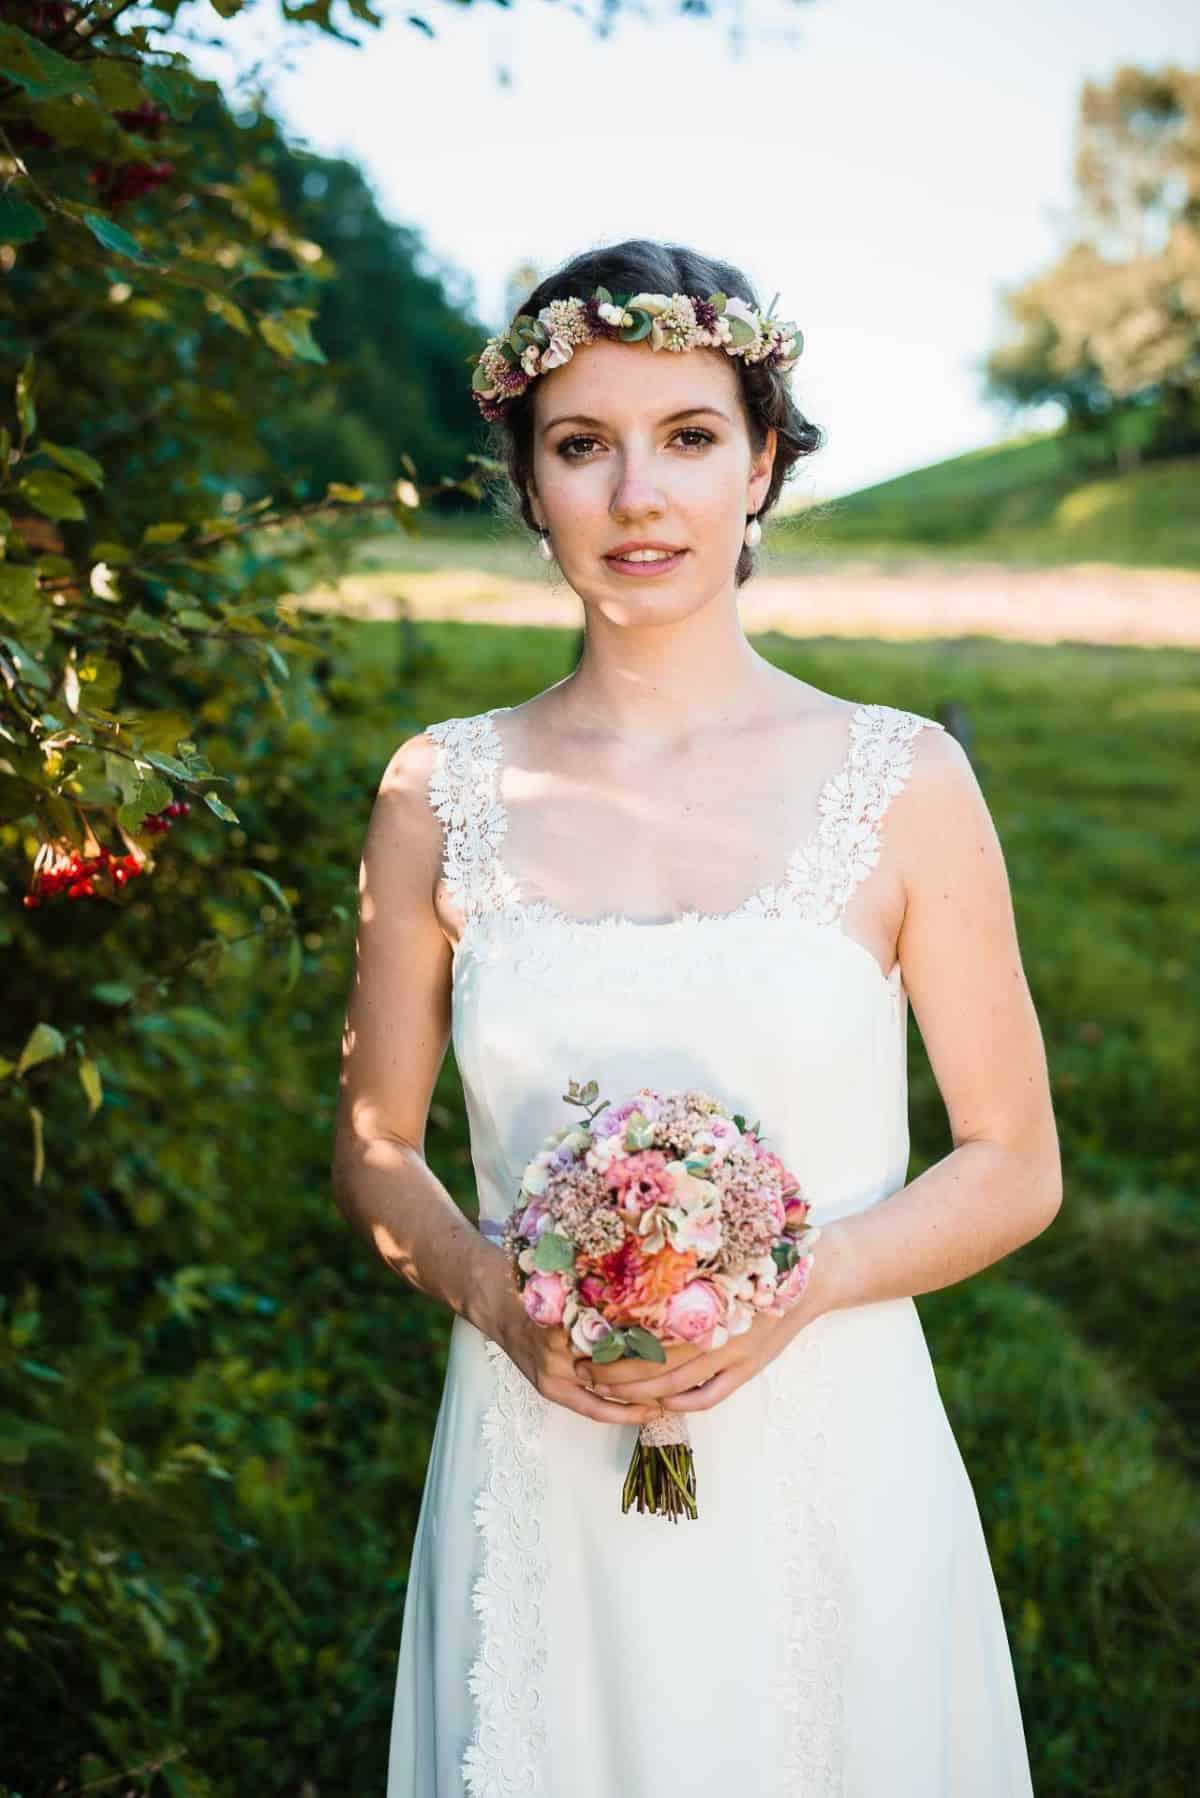 Ausgezeichnet Hochzeitskleid Für Die Reifen Bräute Ideen ...